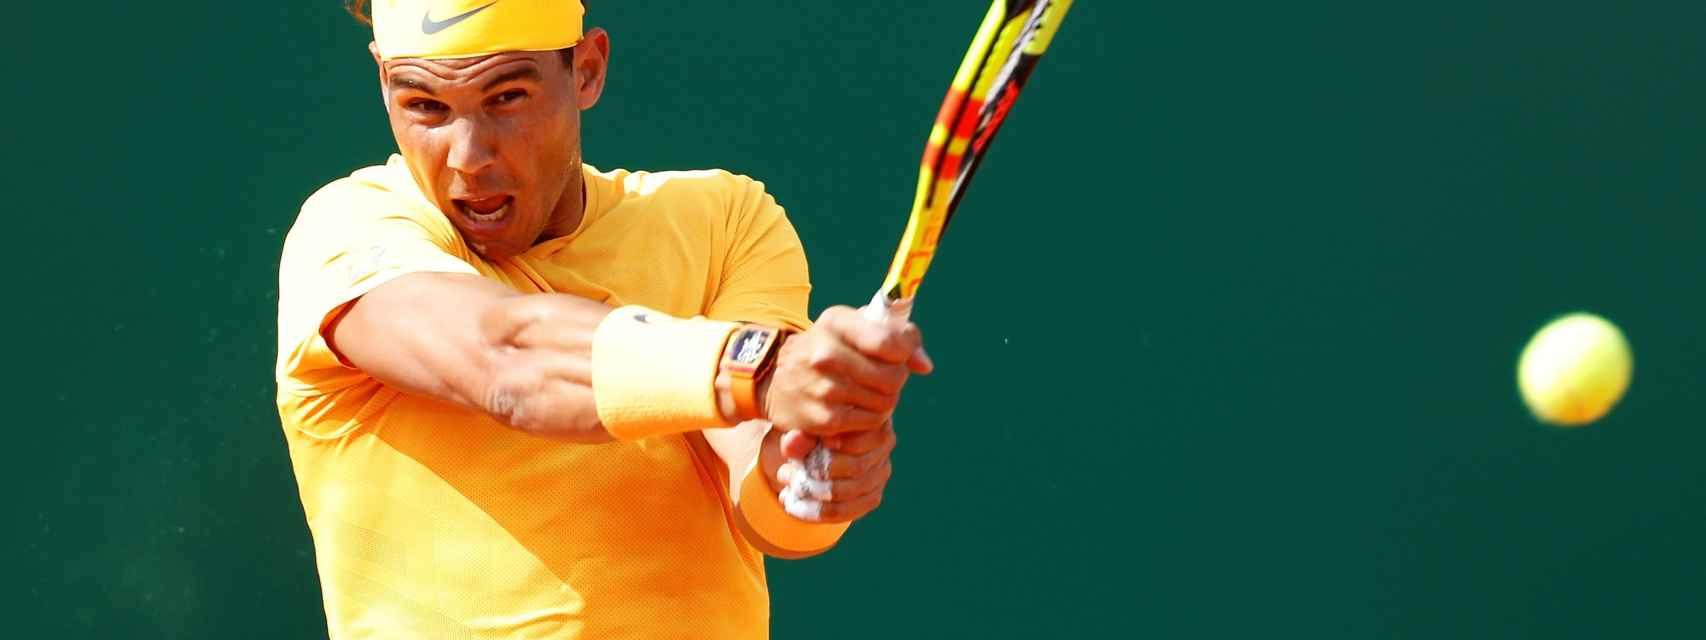 Rafael Nadal Dominic Thiem En Vivo Y En Directo